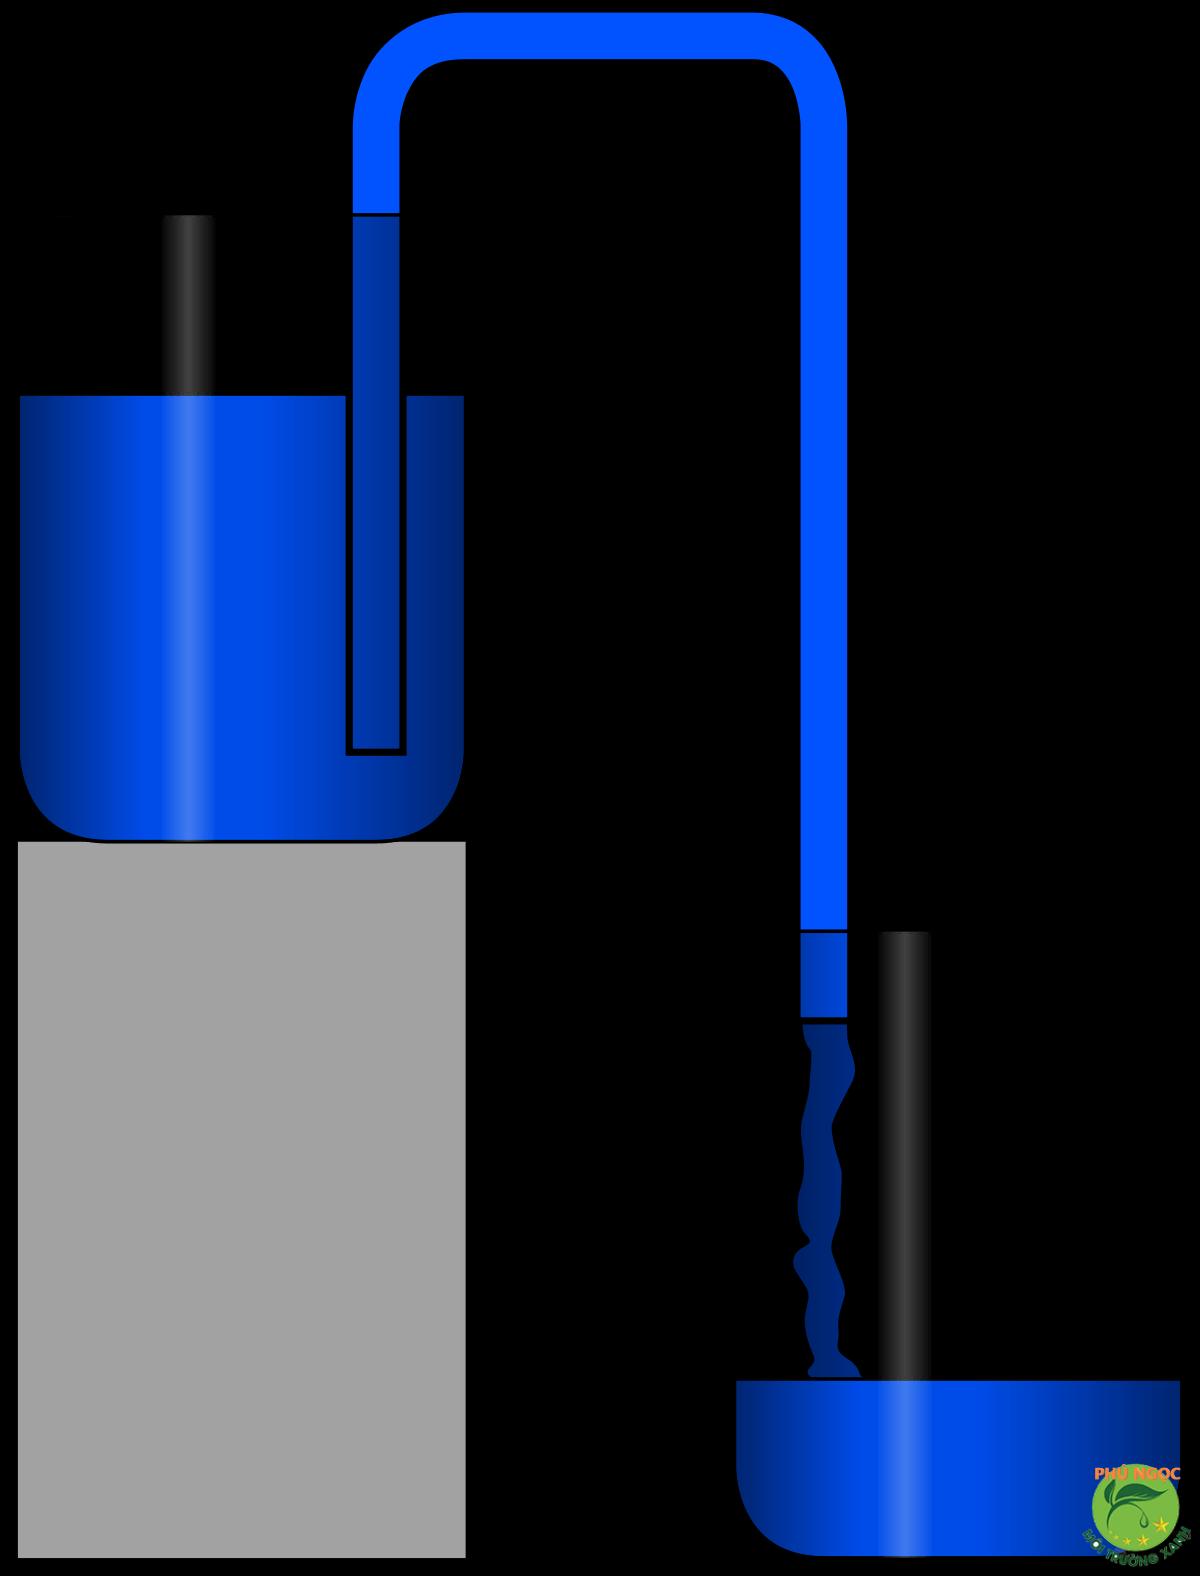 Siphon hay còn gọi là xi-phông là thiết bị hỗ trợ quan trọng trong sinh hoạt đời sống